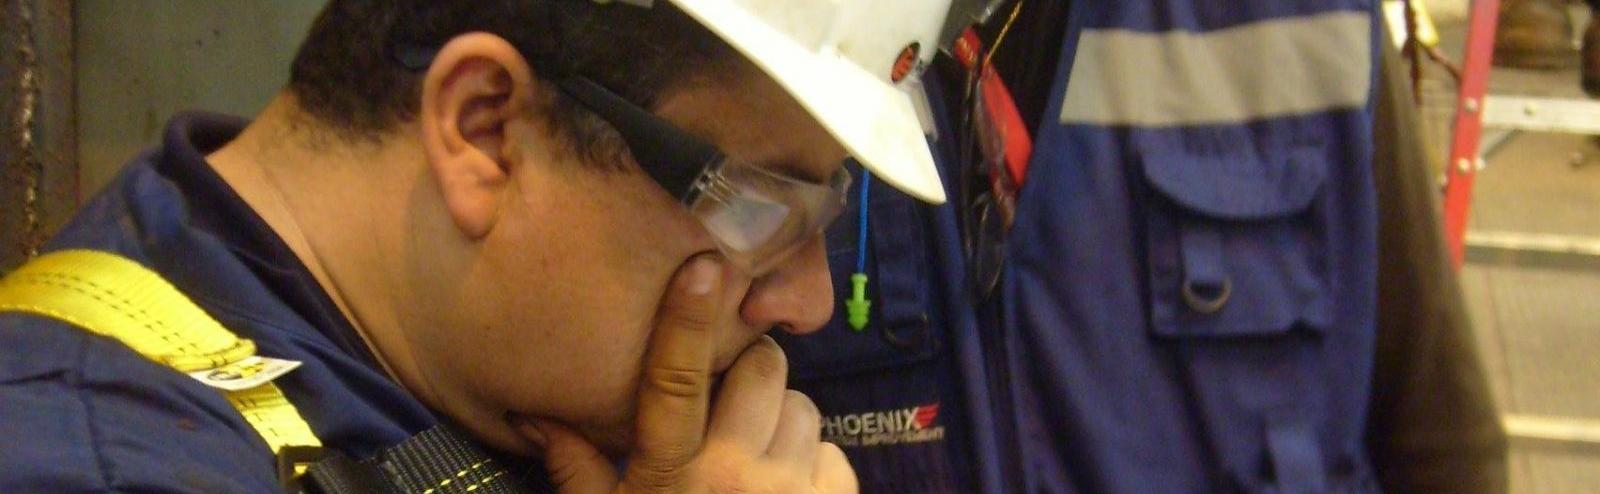 SERVICIO TECNICO HEPBURN CAMBIO RETEN CAMBIO SELLOS CAMBIO ORINGS MANTENCION CENTRAL HIDRAULICA